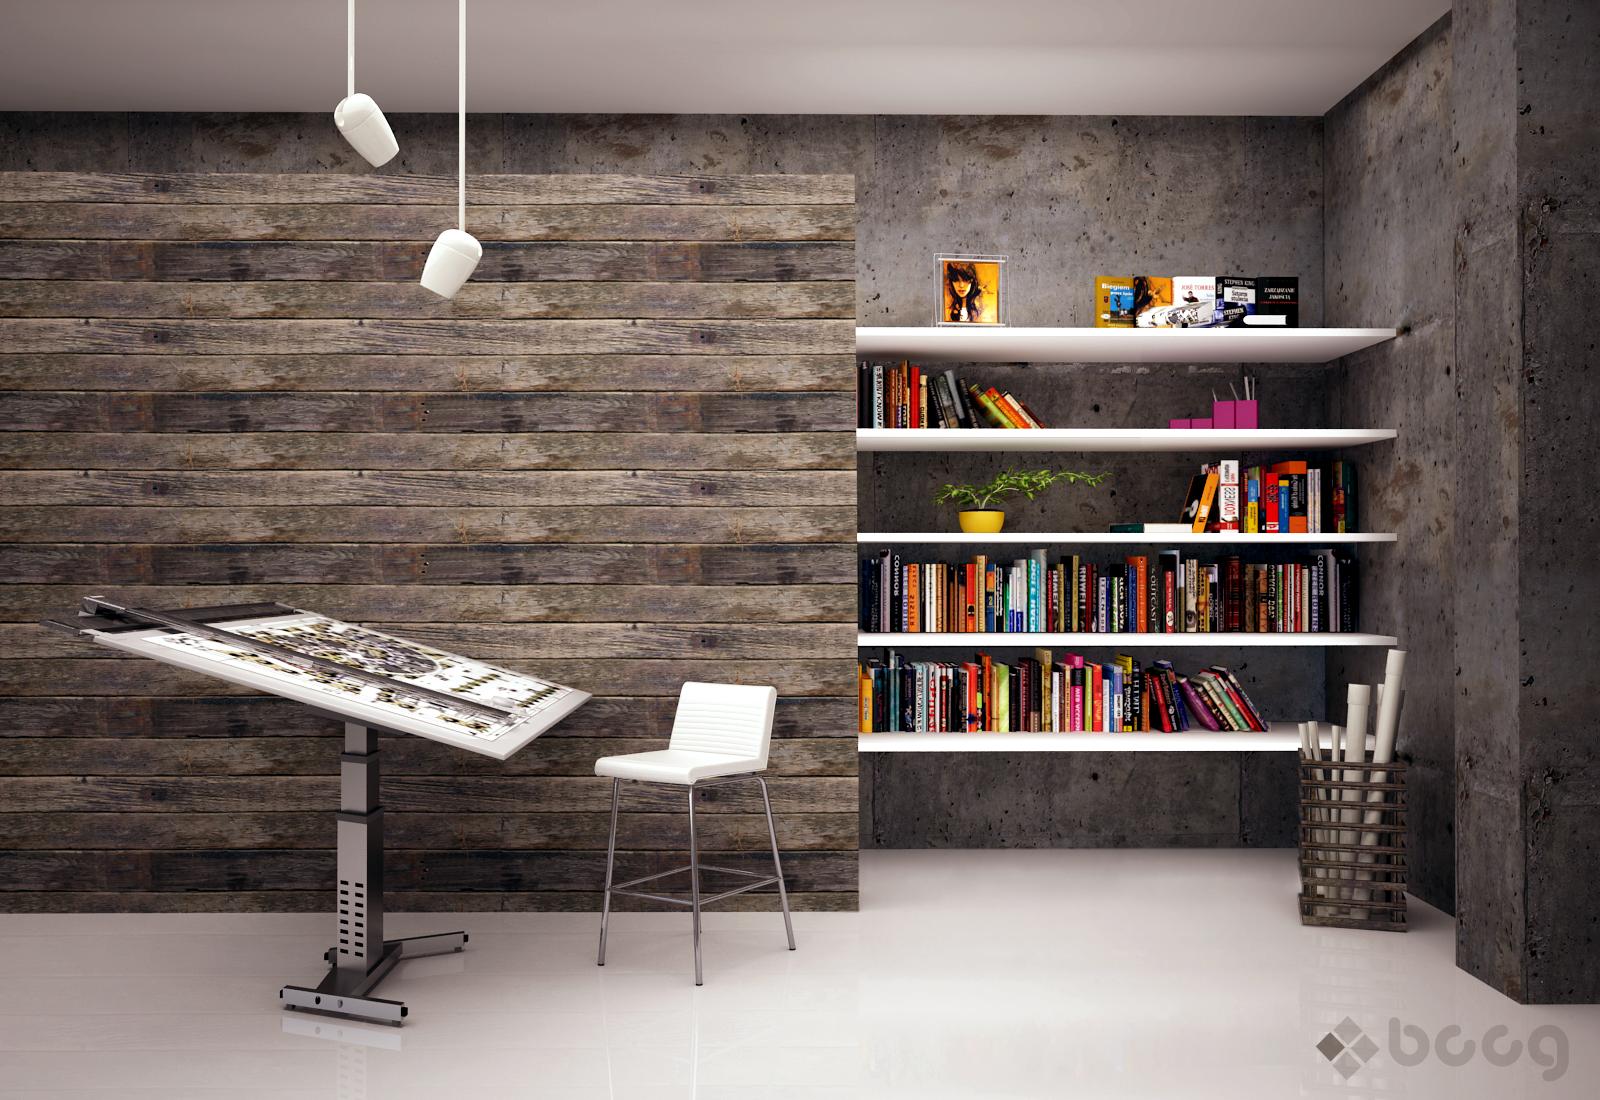 Architect 39 s studio by saescavipica on deviantart for Architecture studio